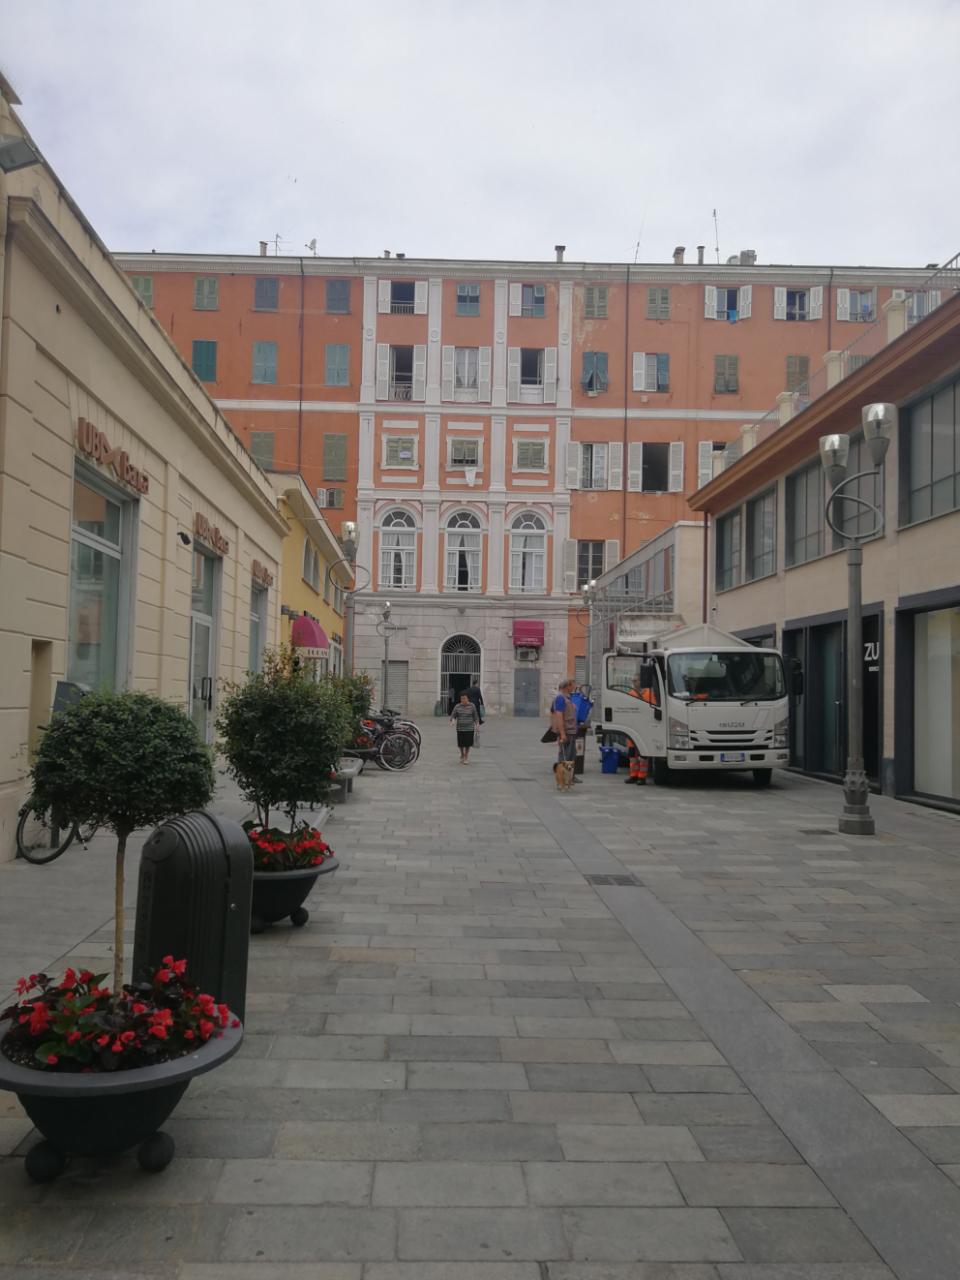 Palazzo Roverizio - La location